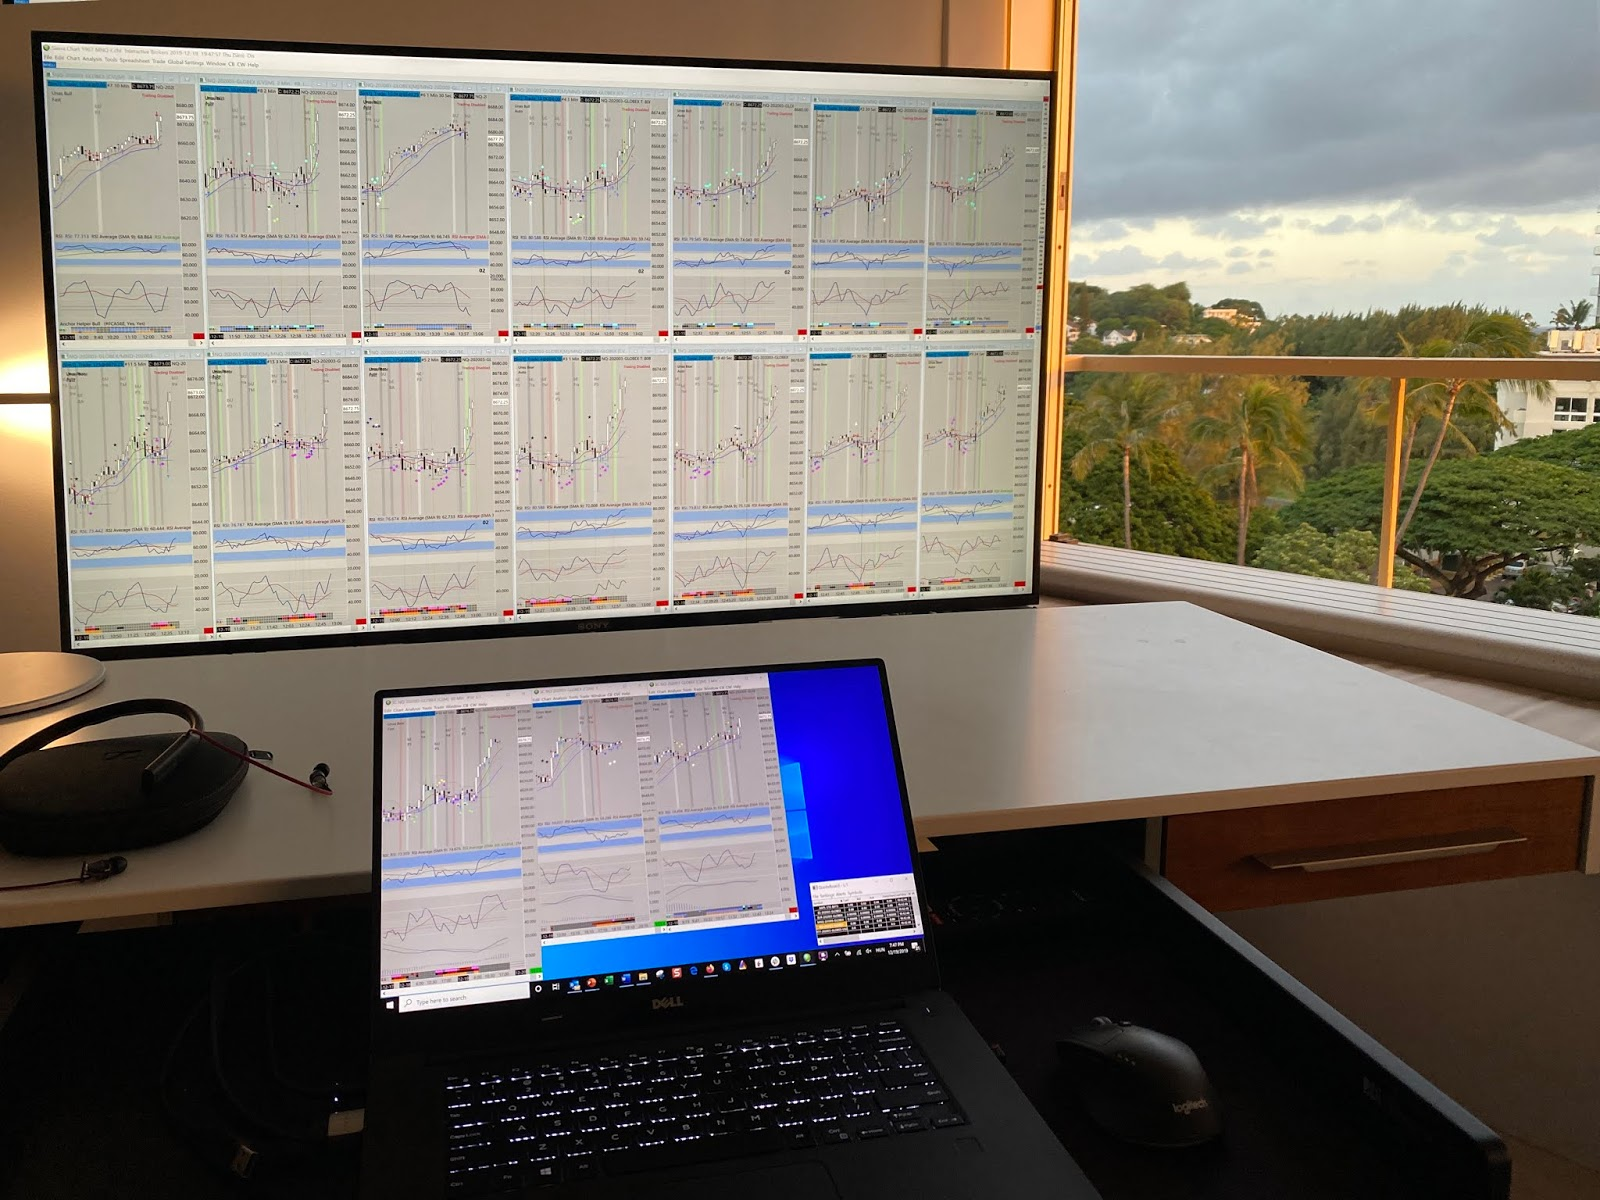 4k monitor kereskedéshez